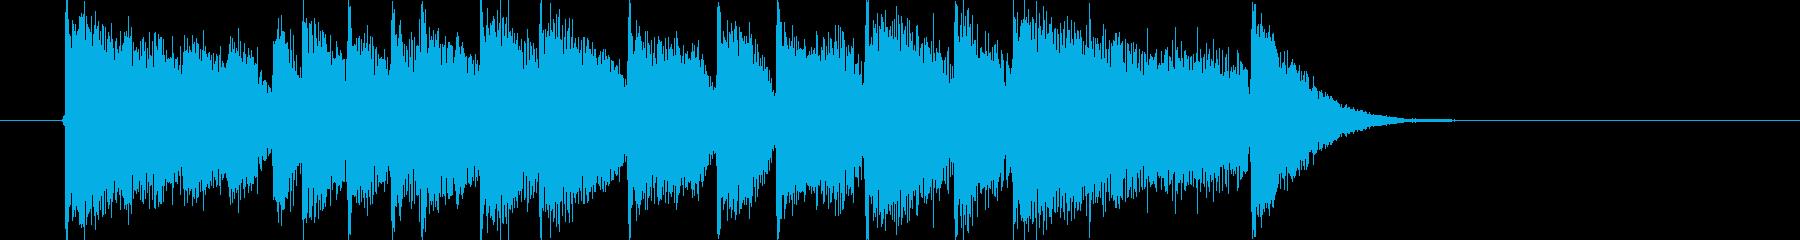 明るく弾けるようなポップスの再生済みの波形